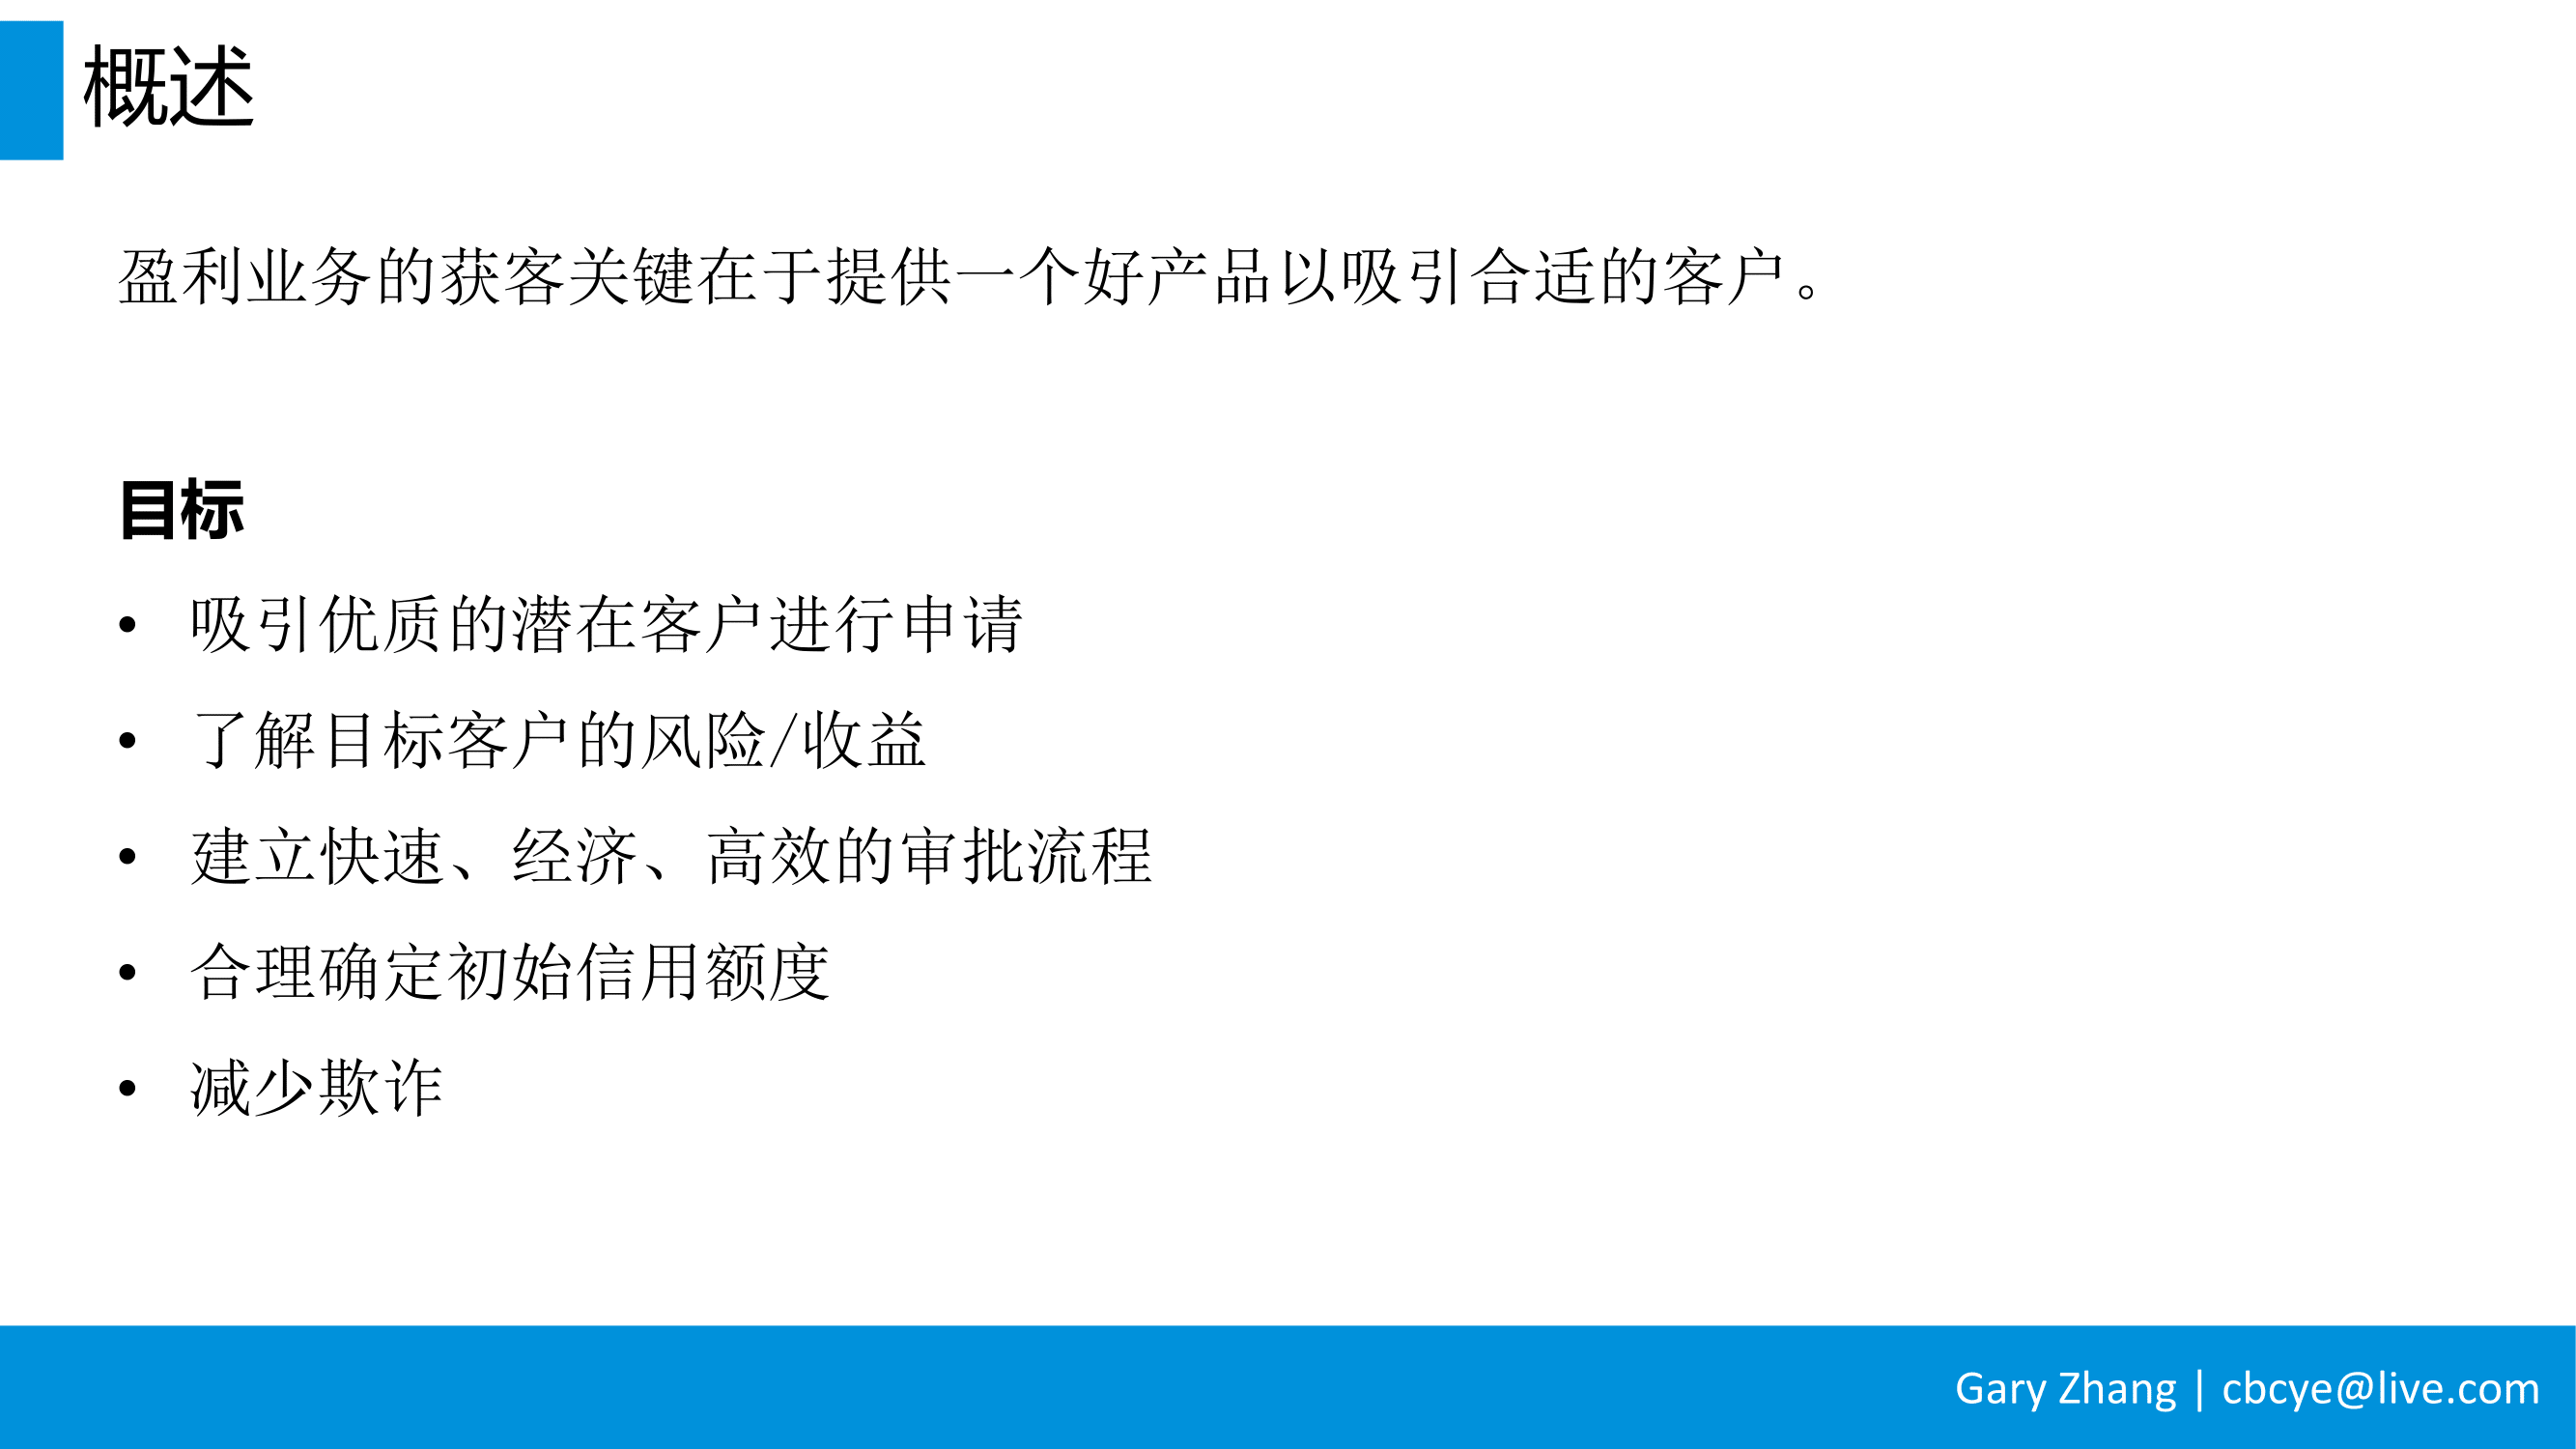 消费金融业务全流程指南_v1.0-035